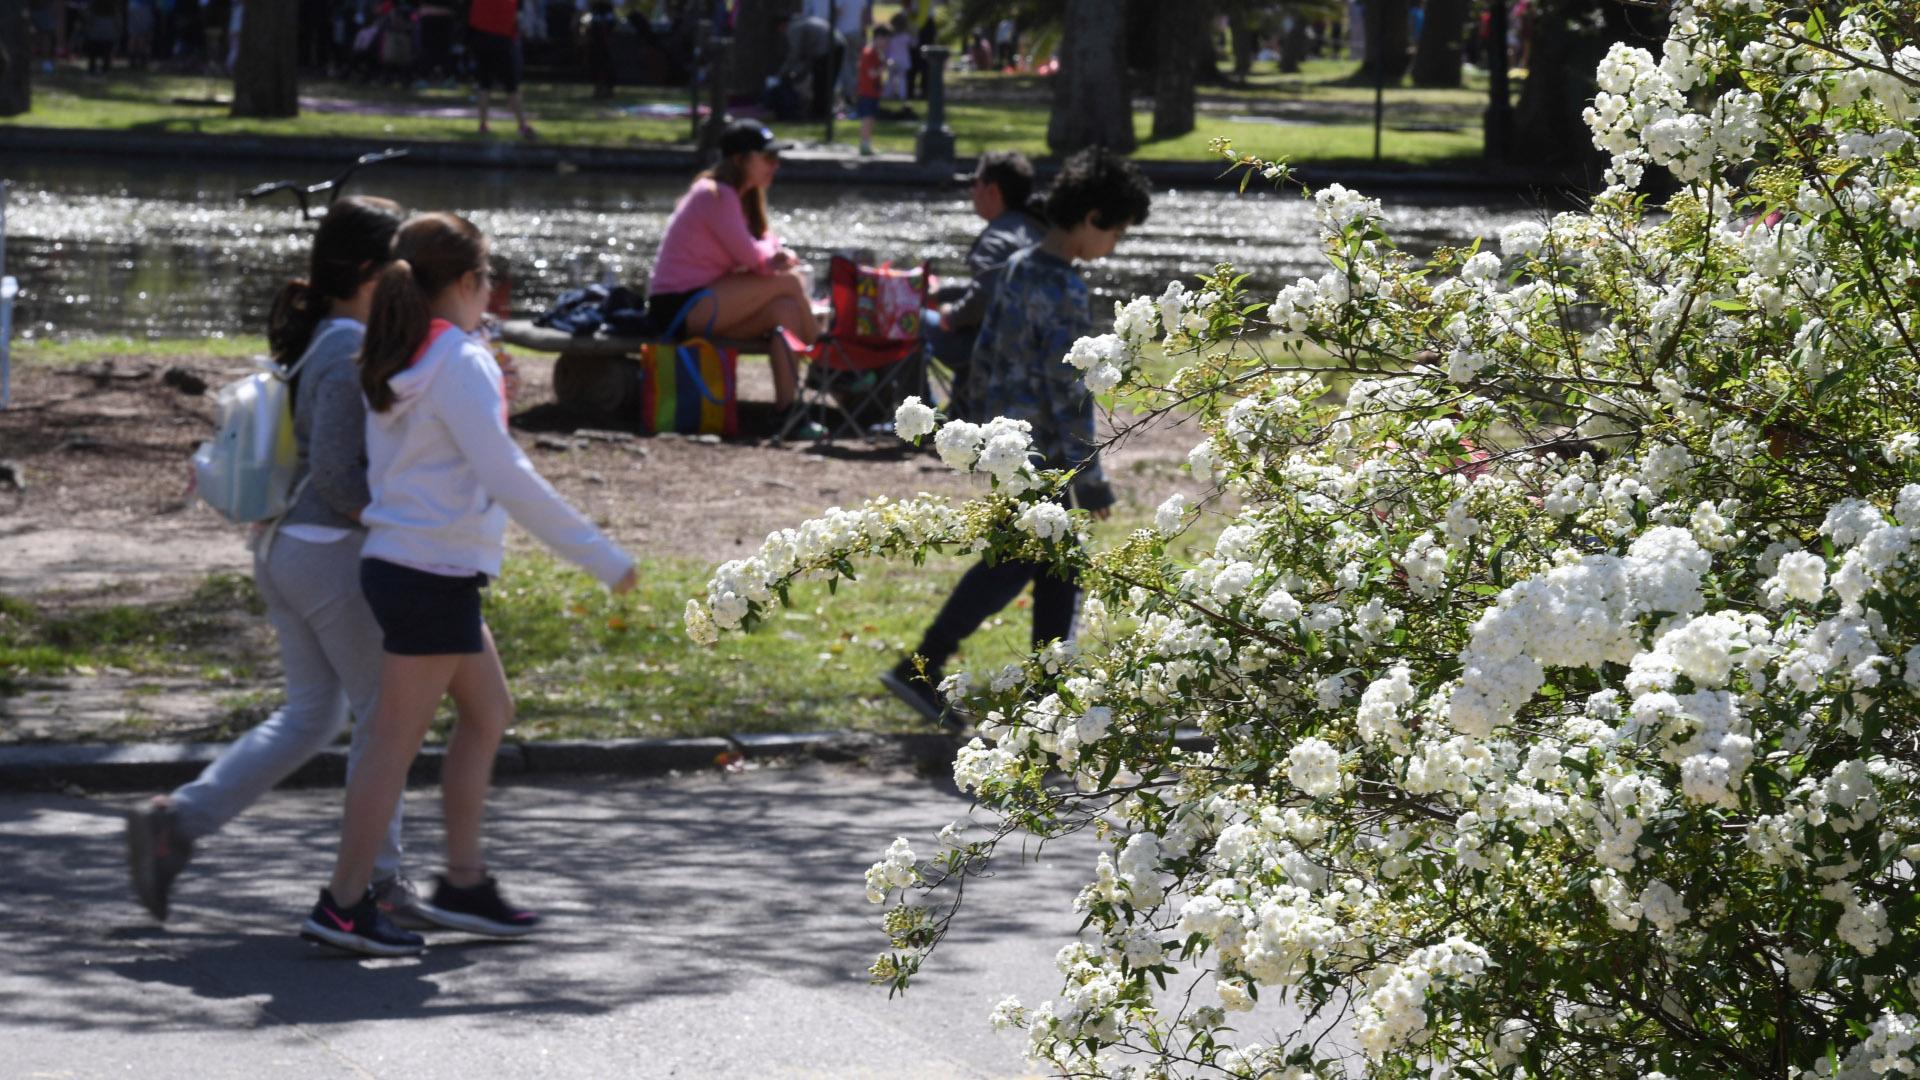 Algunos árboles ya florecieron, otros todavía están a punto de sacar su primer capullo en los próximos días